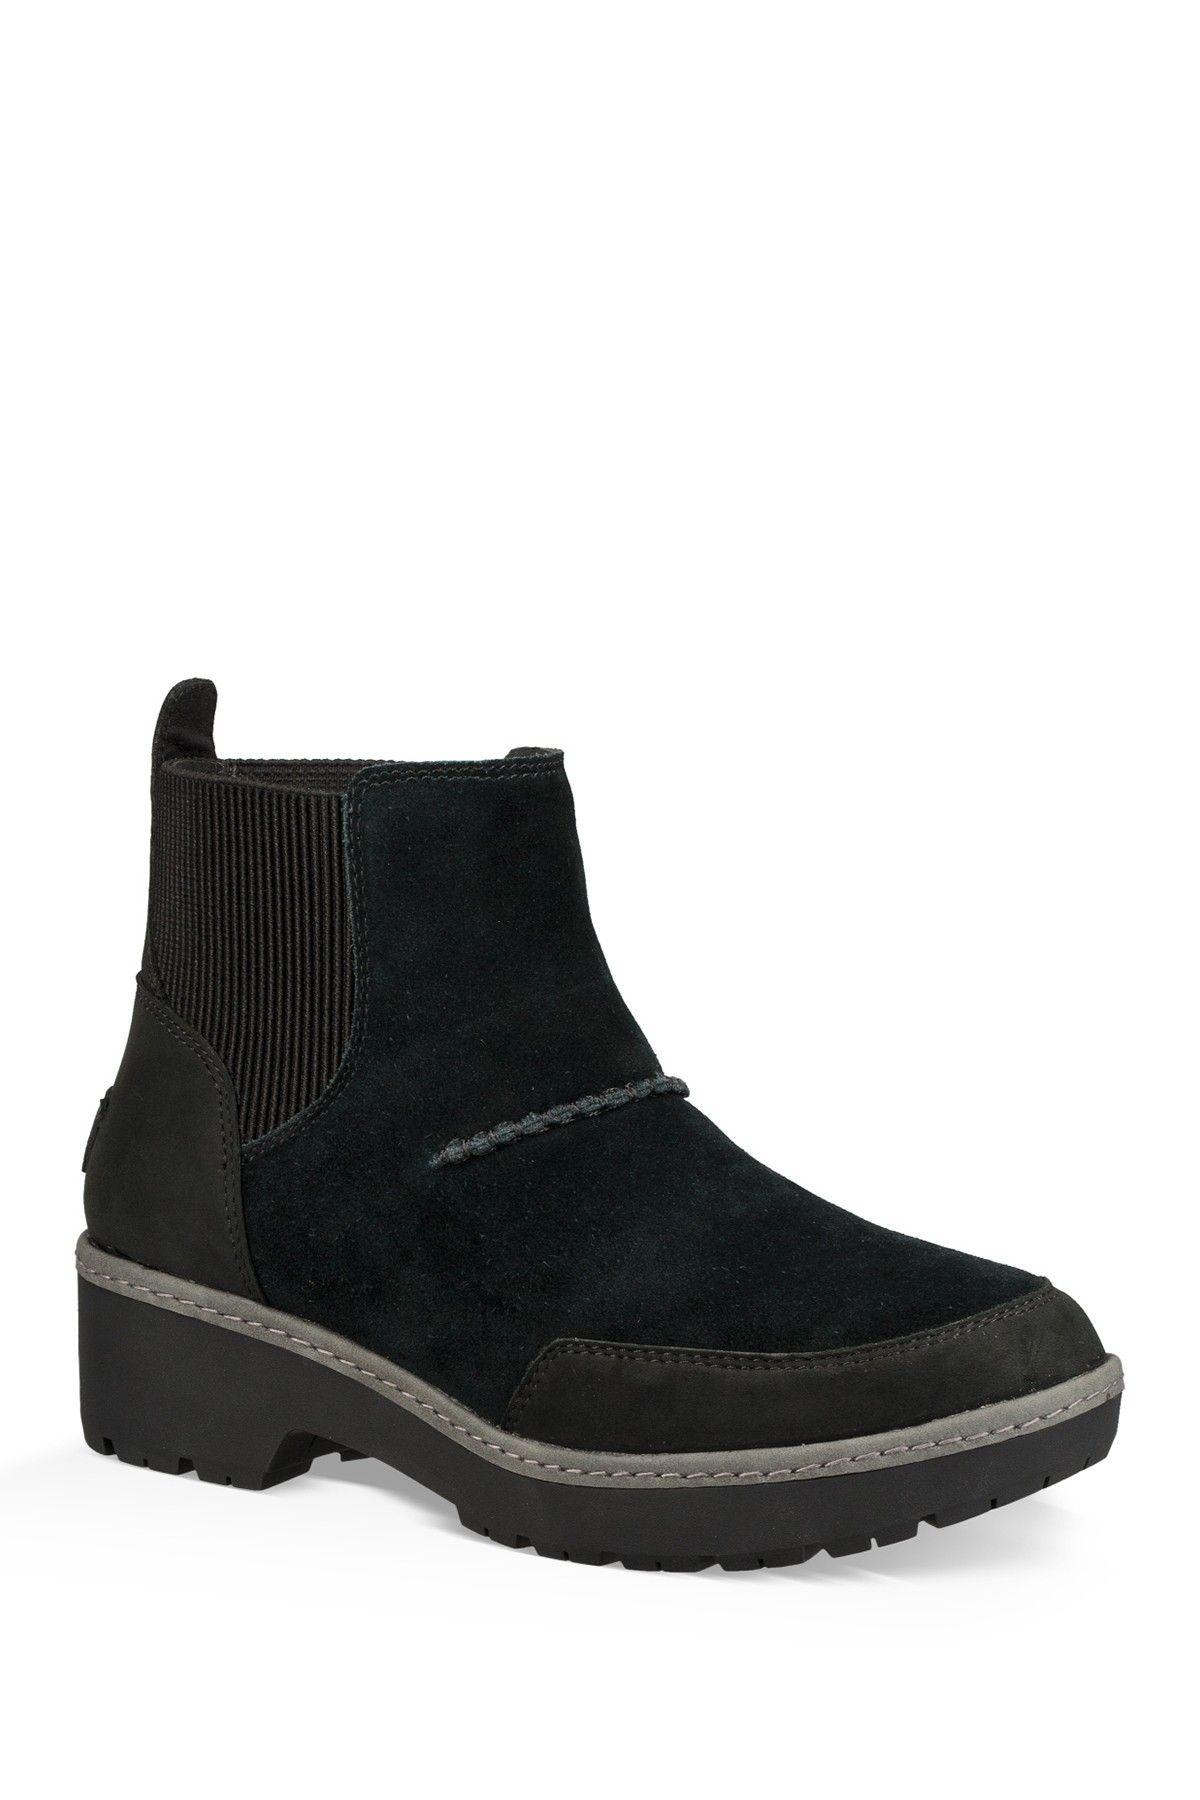 641251af79b Kress Ankle Boot by UGG on  nordstrom rack